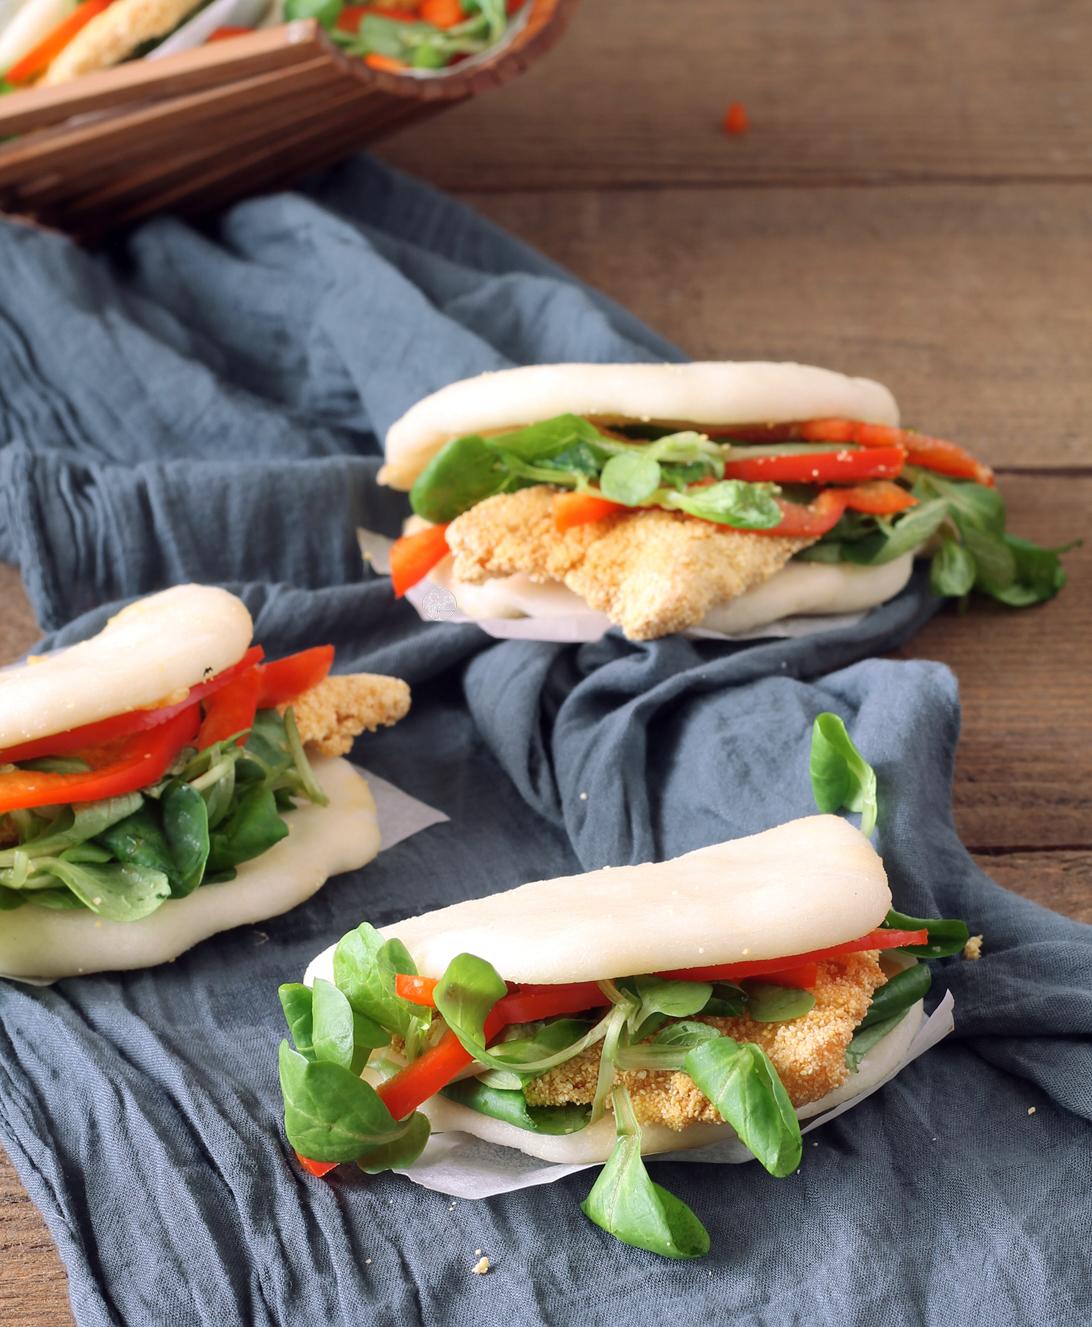 Bao sandwich senza glutine con pollo e peperoni - La Cassata Celiaca